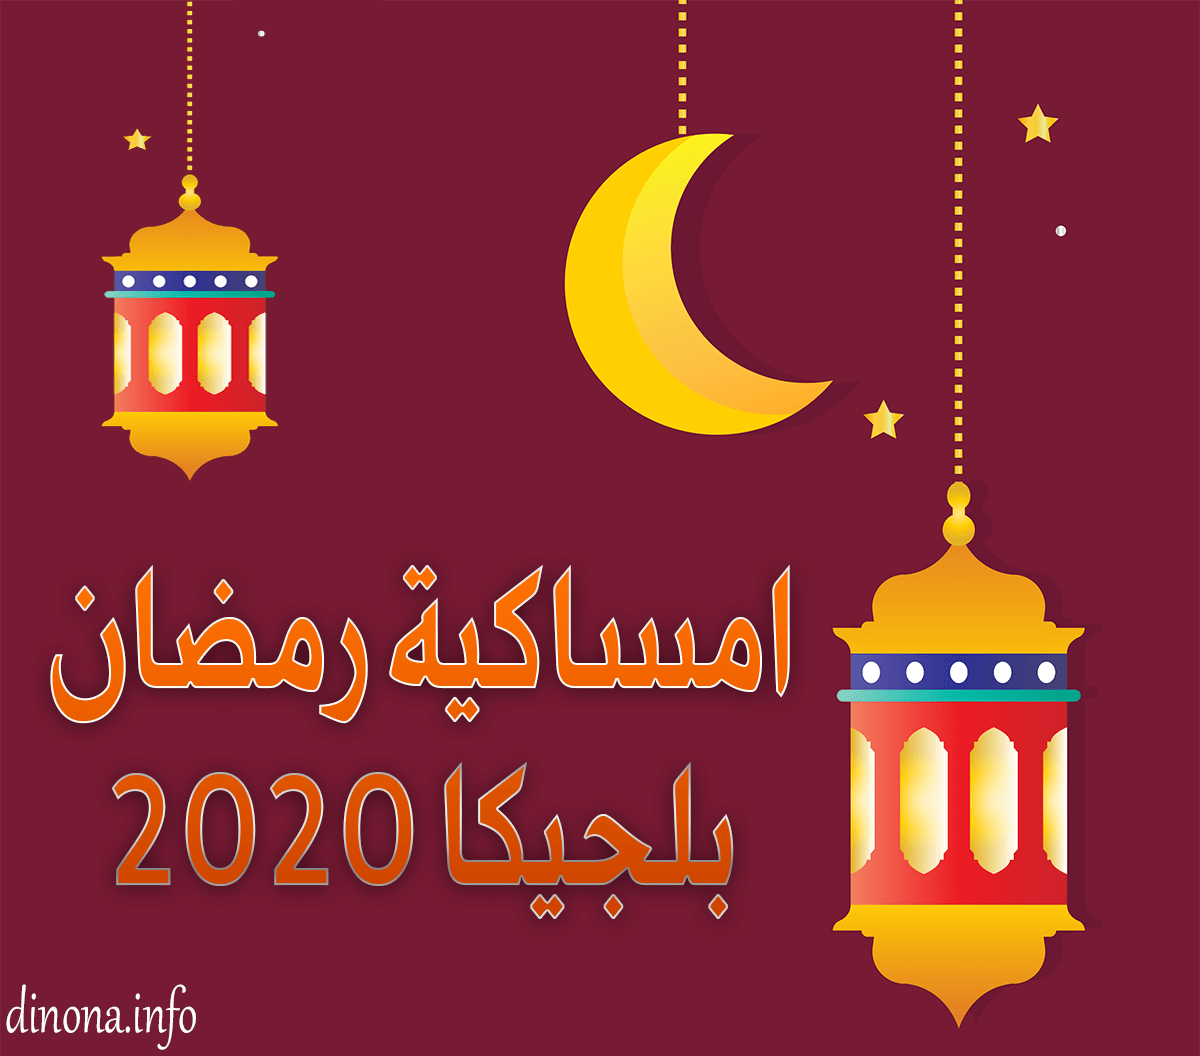 امساكية شهر رمضان 2020 بلجيكا نتيجة رمضان 2020 بلجيكا